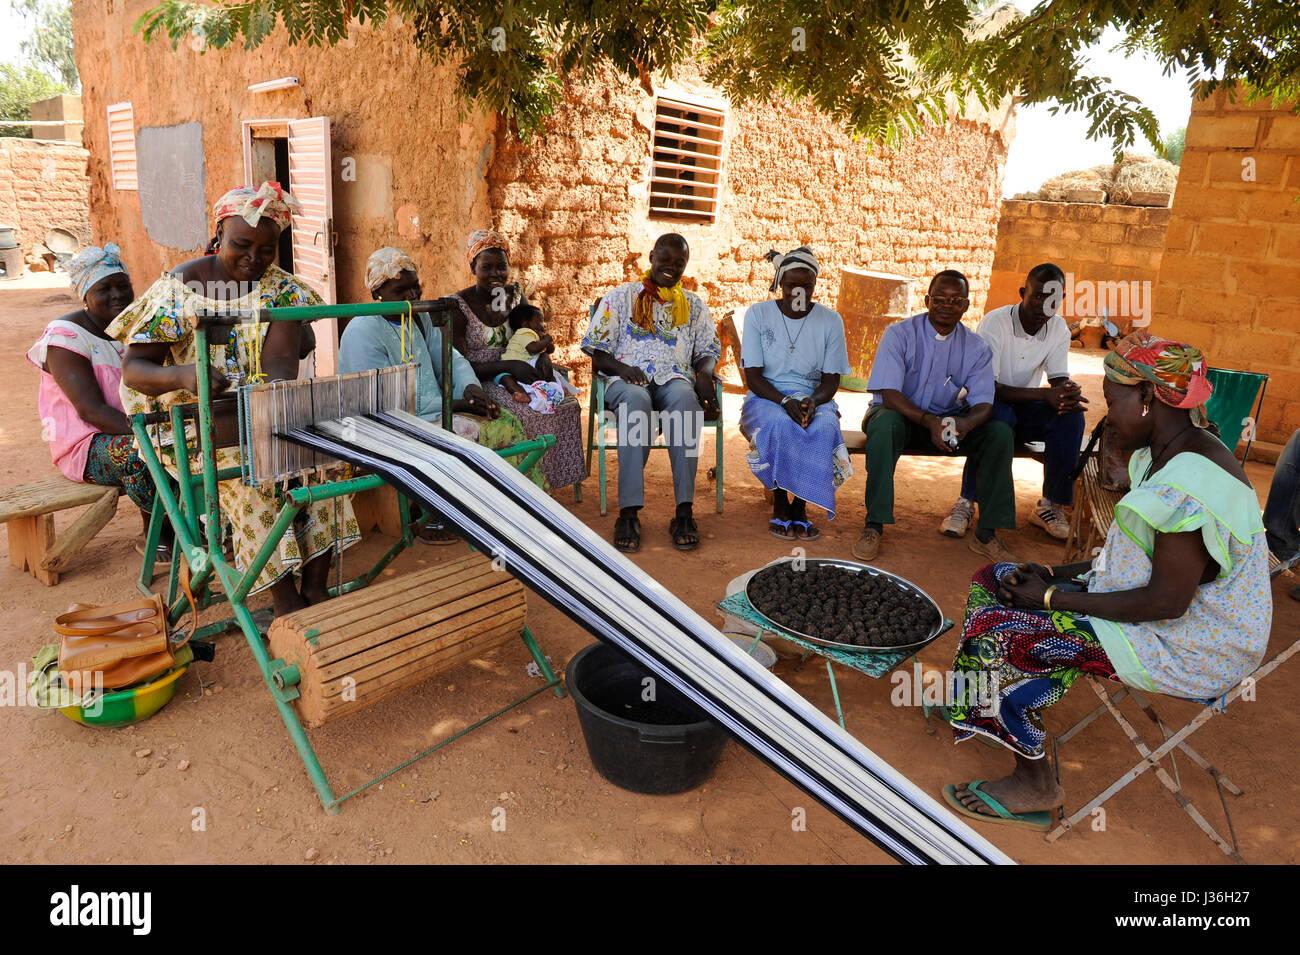 African Weaving Loom Stock Photos & African Weaving Loom ...